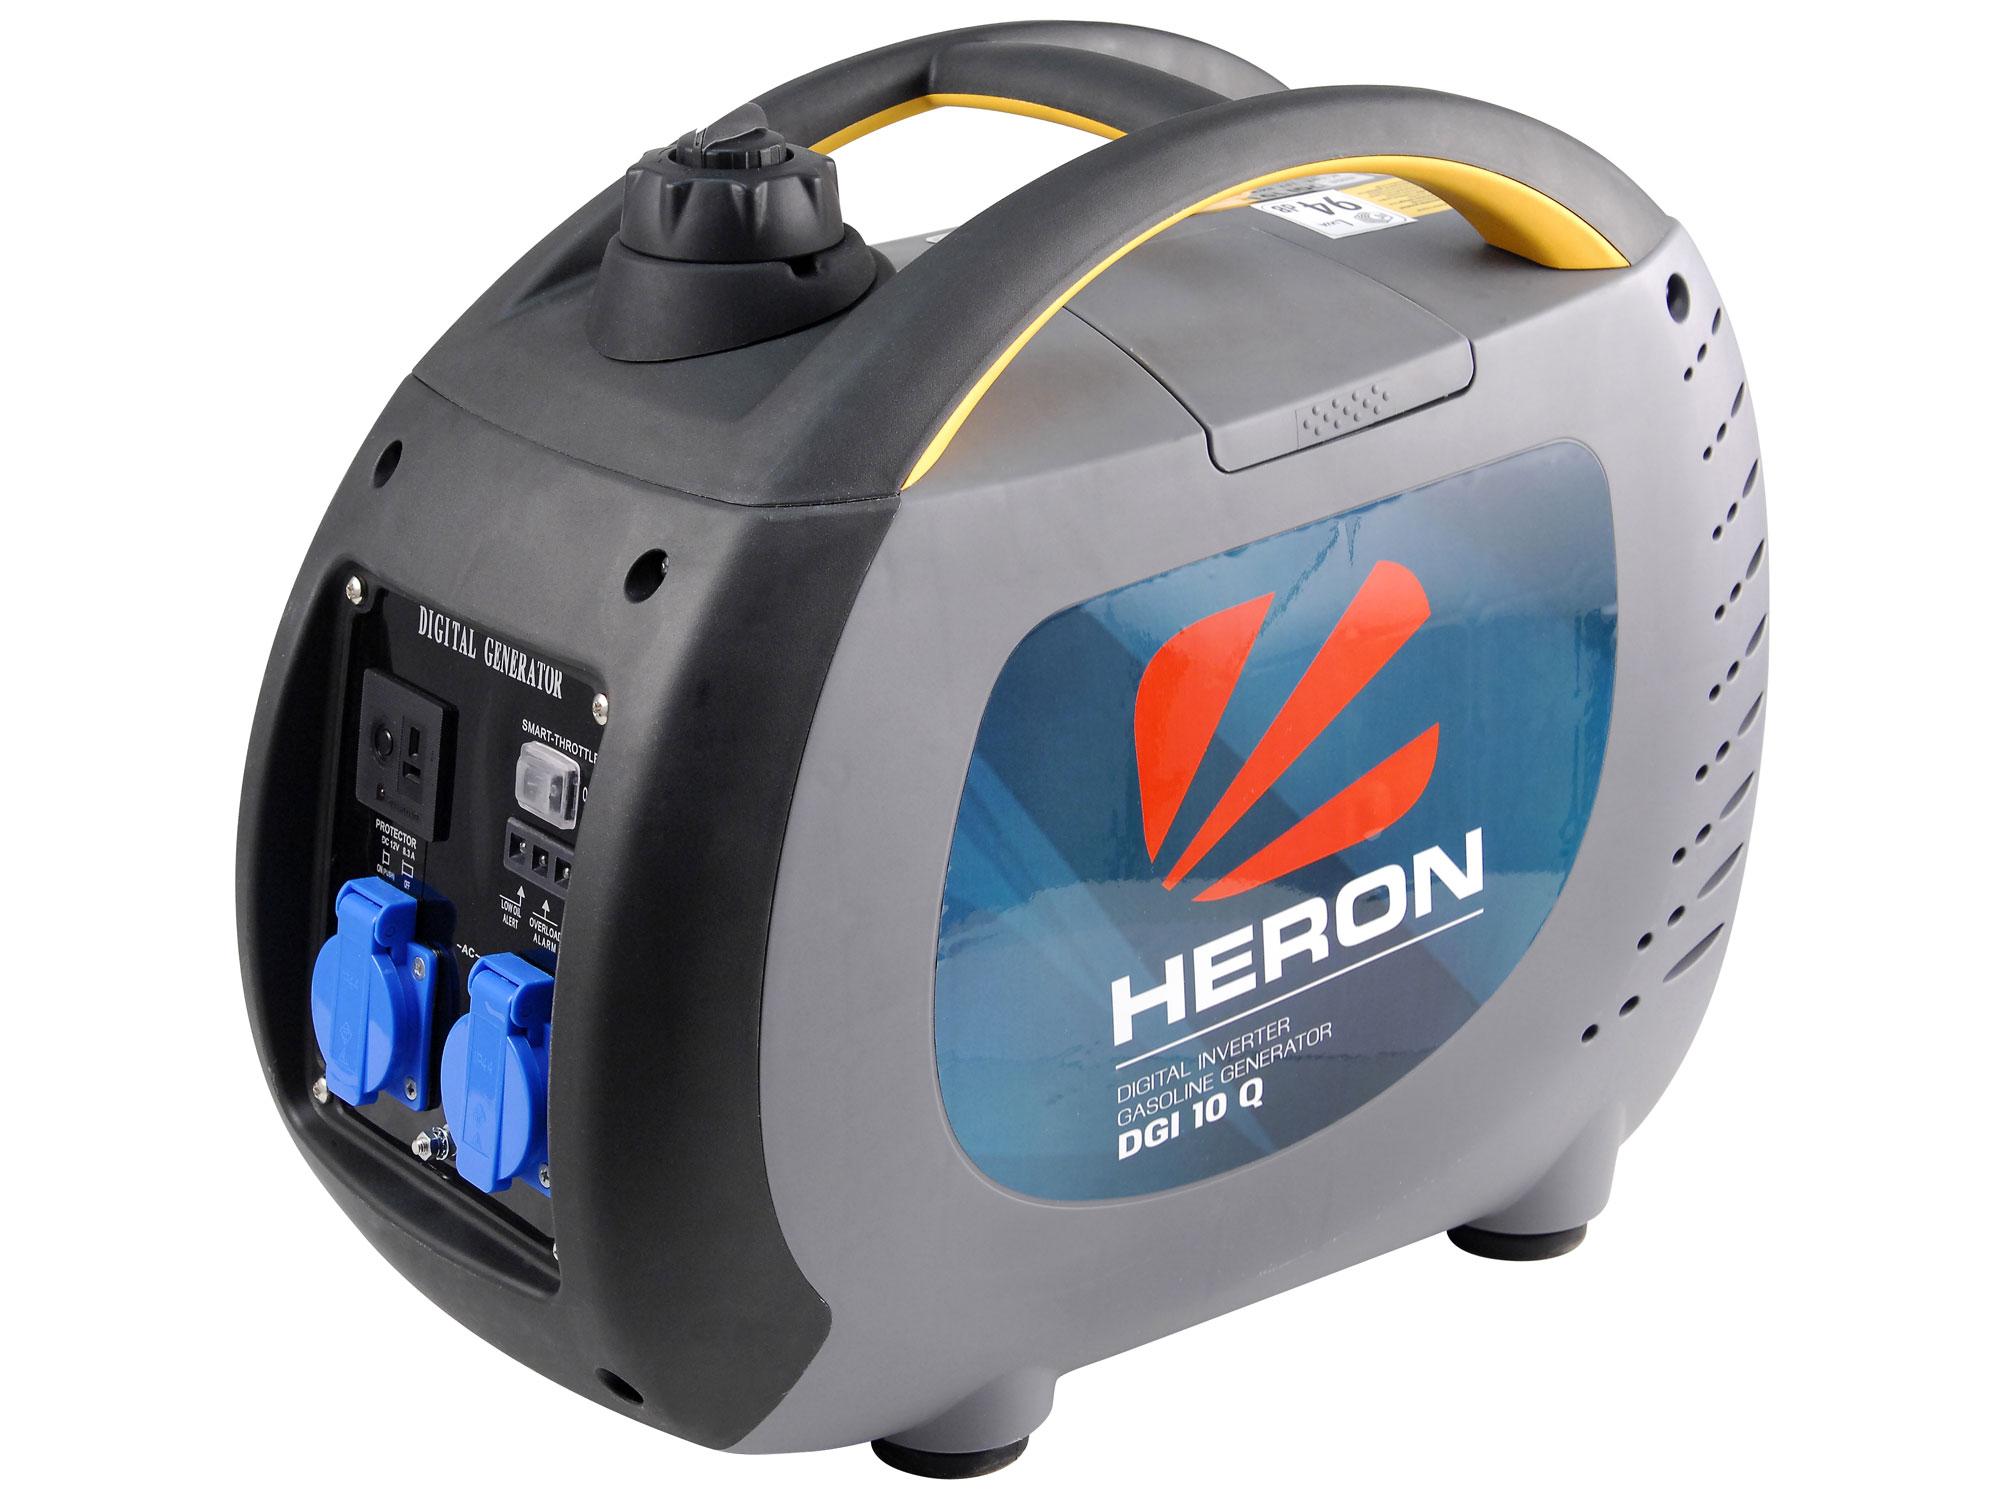 ZRUŠENO! Nahrazeno výrobkem 8896216, elektrocentrála digitální invertorová 2,0HP